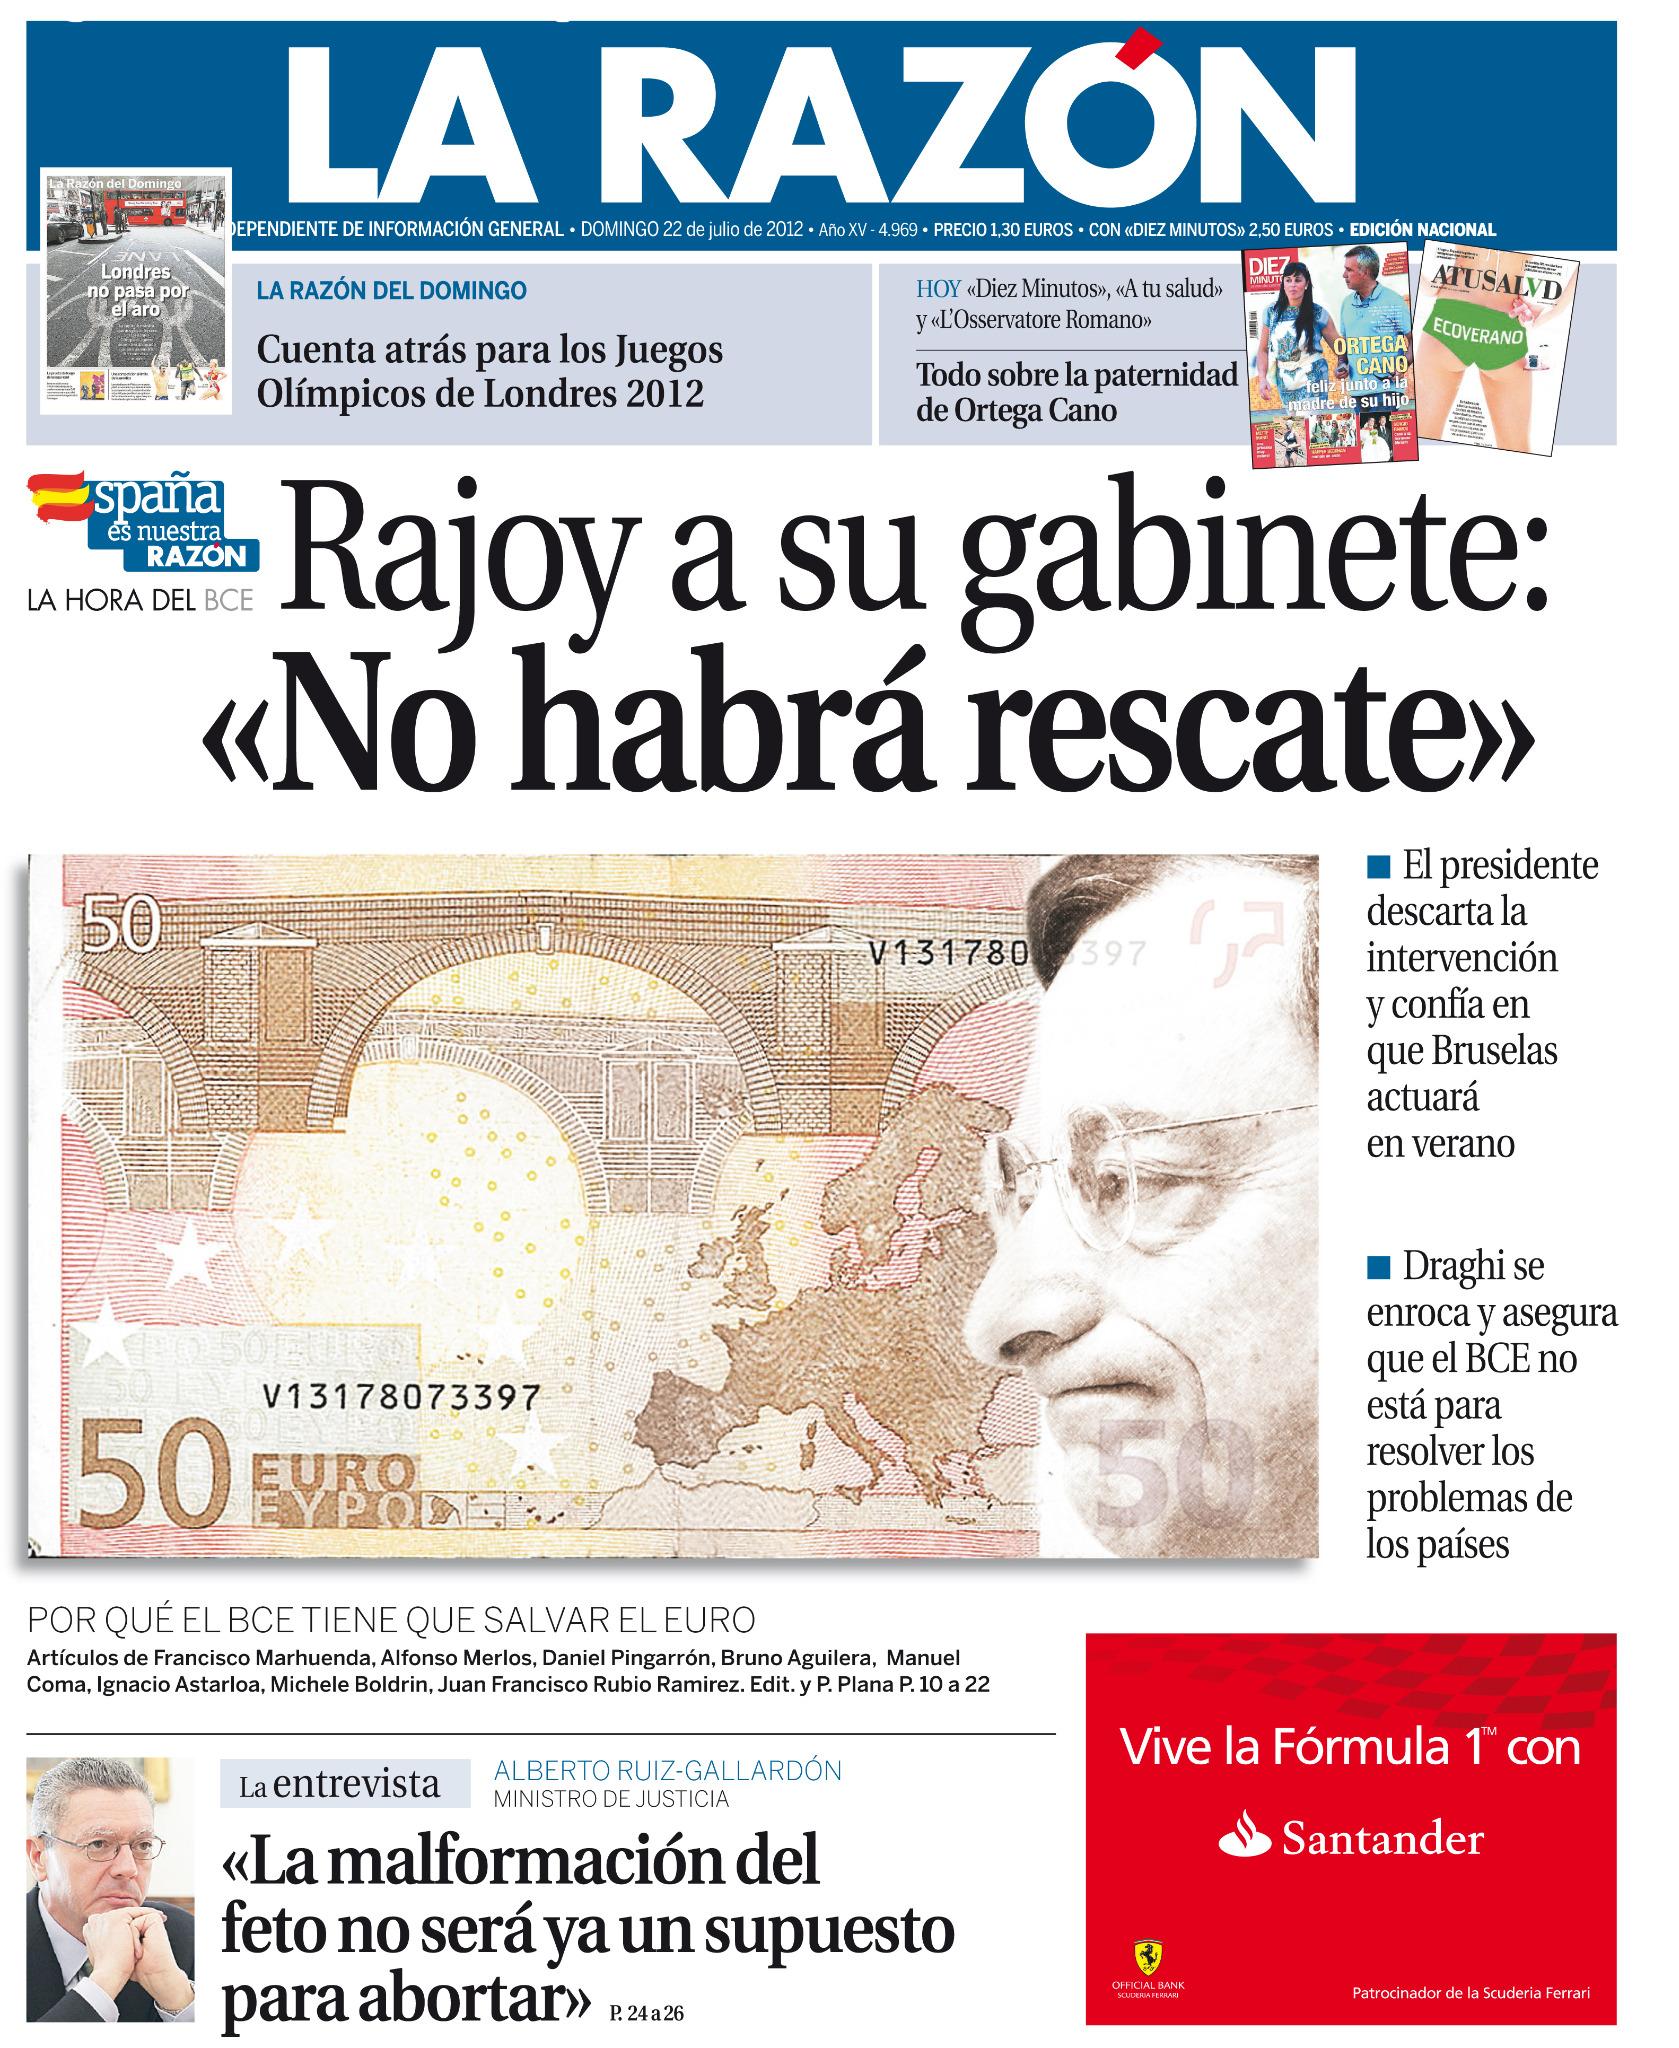 Paco, la malformación del feto y Rajoy  en la misma portada, CRACK. @pacomarhuenda: Aquí os dejo la portada de LA RAZÓN http://t.co/YdgBhard